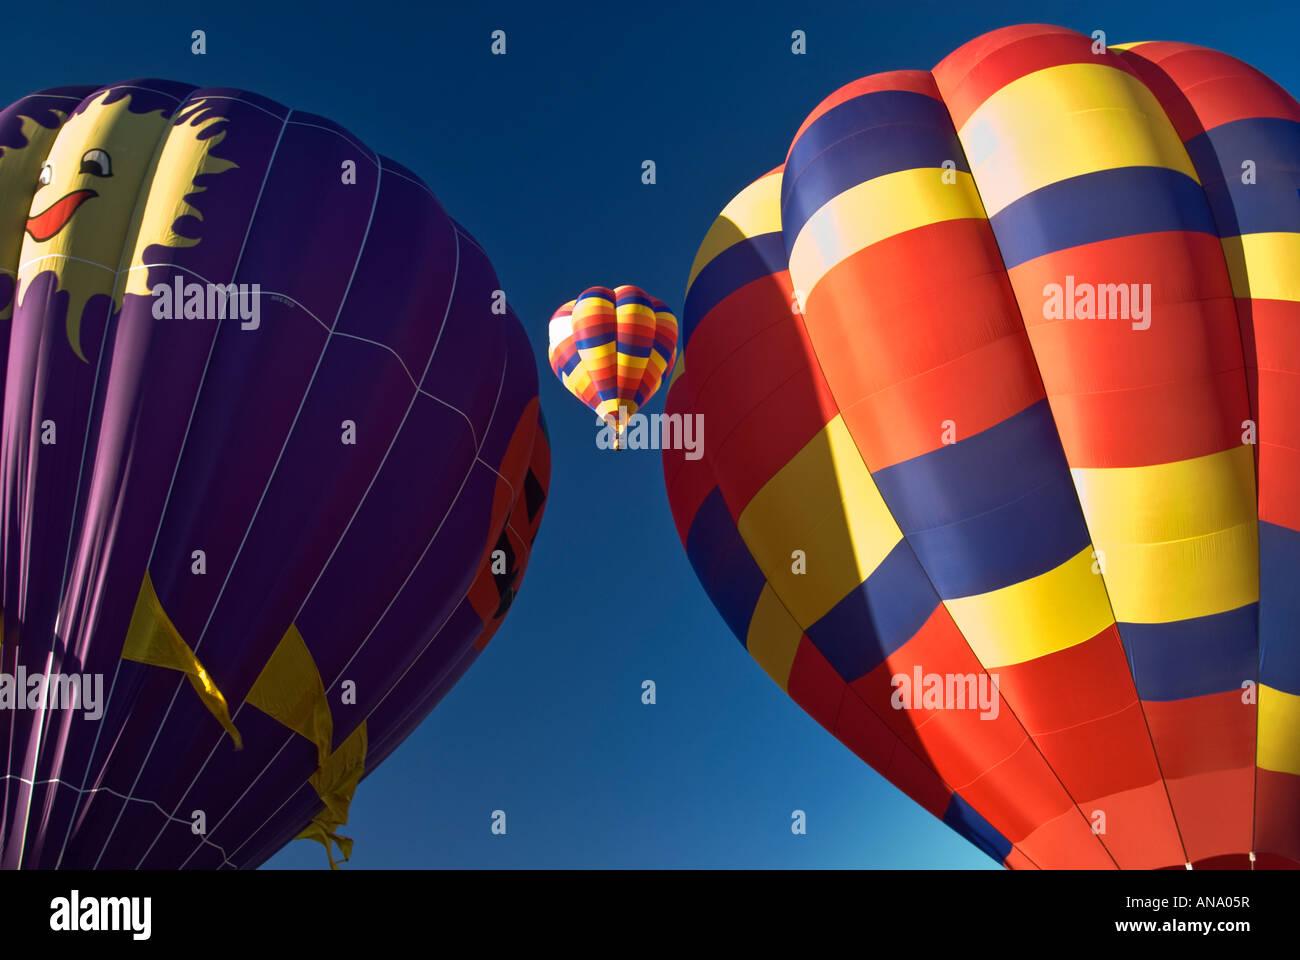 Ascensione di massa a Balloon Fiesta Albuquerque, Nuovo Messico, STATI UNITI D'AMERICA Immagini Stock